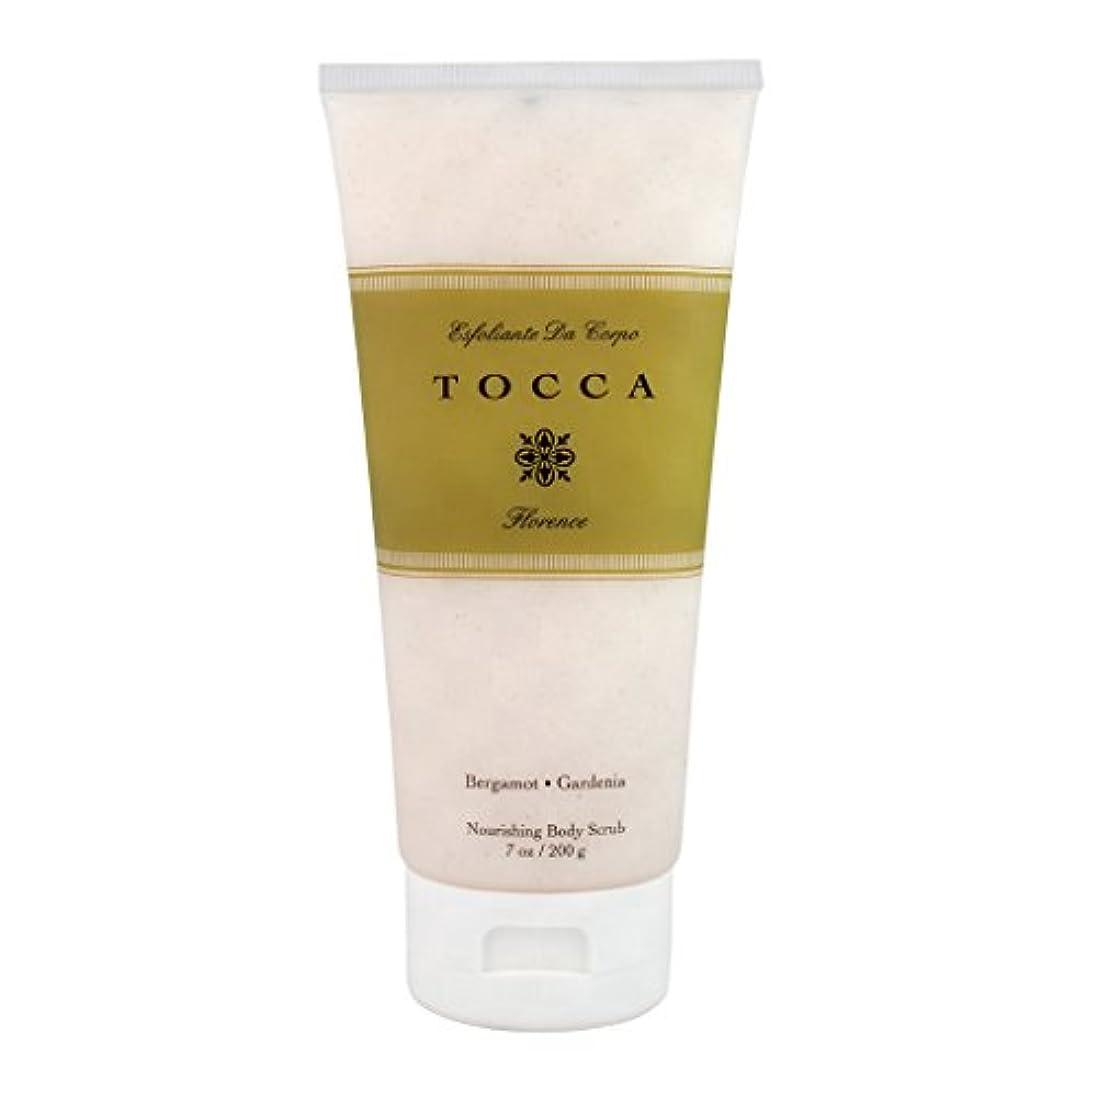 立ち寄るある敷居トッカ(TOCCA) ボディーケアスクラブ フローレンスの香り 200ml(全身?ボディー用マッサージ料 ガーデニアとベルガモットが誘うように溶け合うどこまでも上品なフローラルの香り)